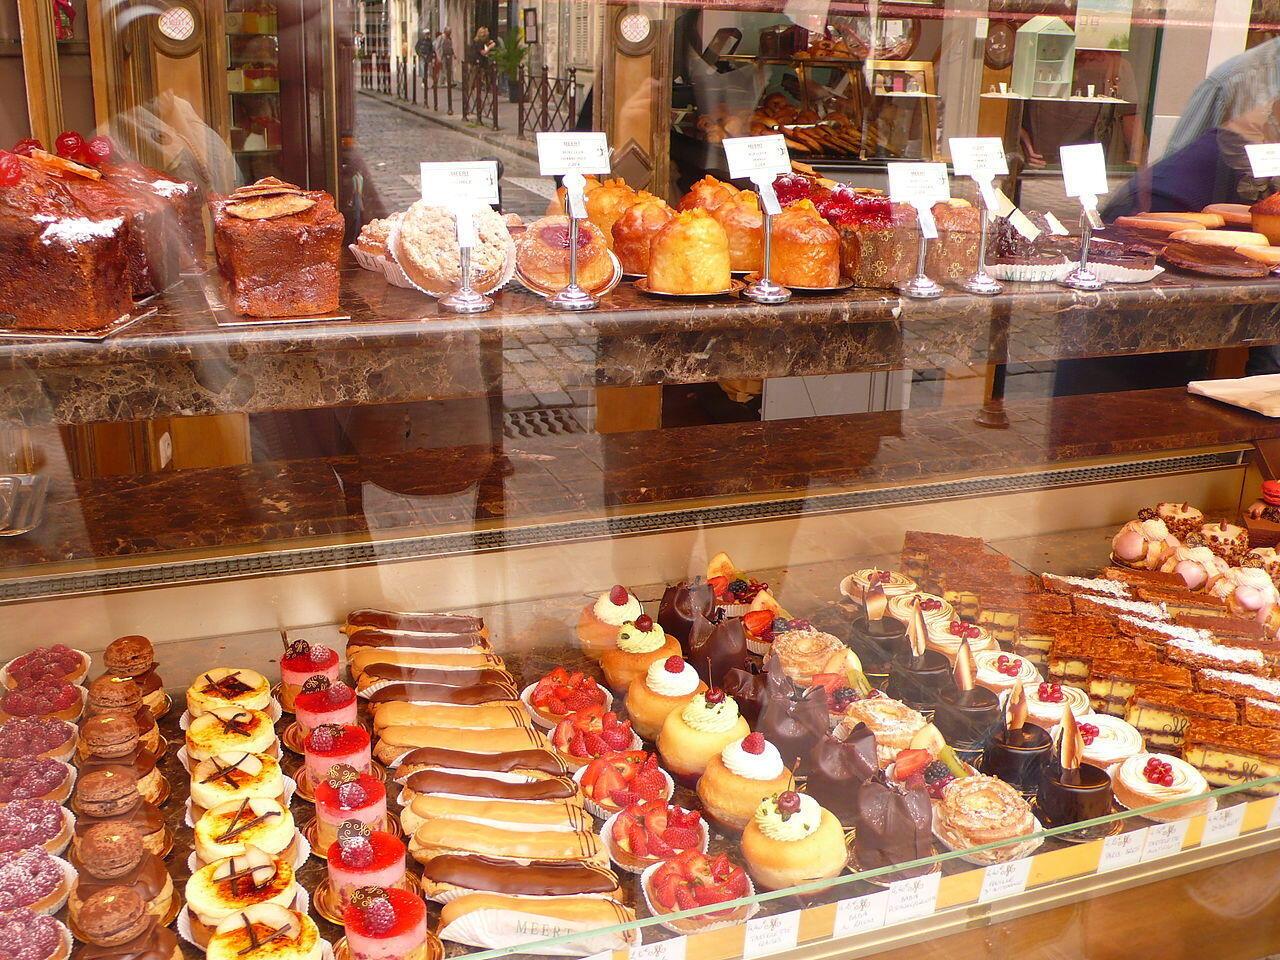 Một hiệu bánh ngọt ở Lille, Pháp.